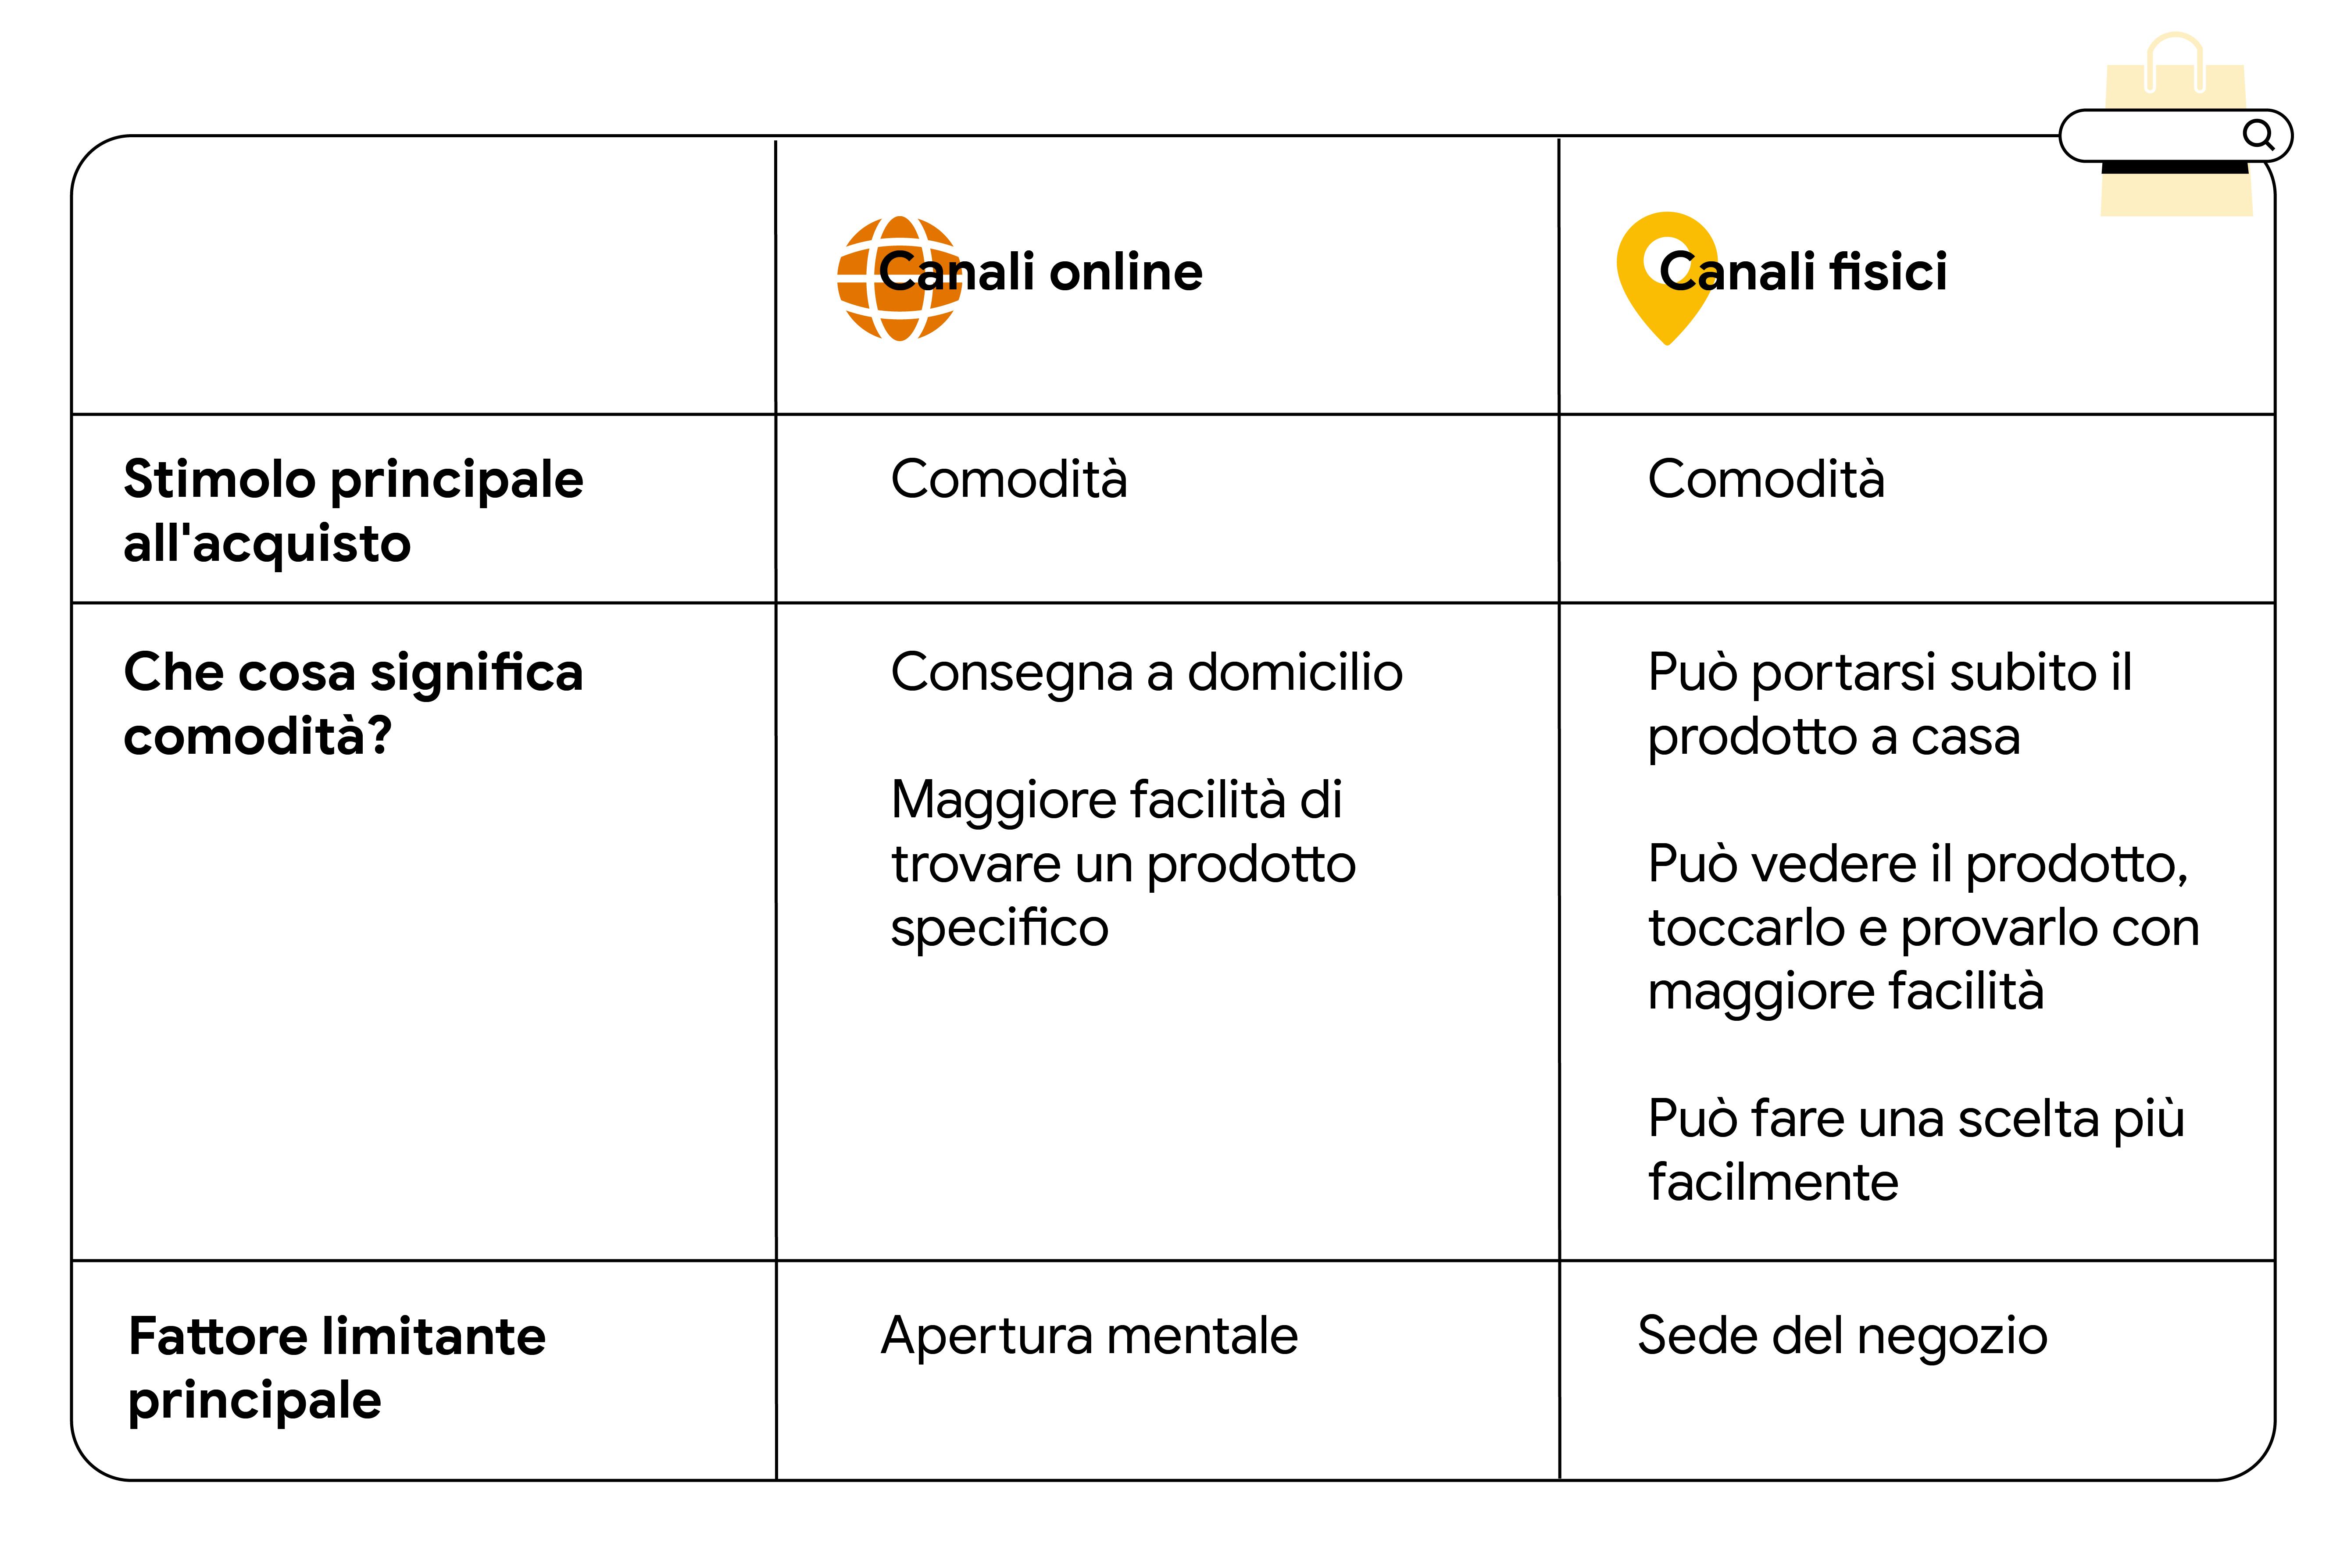 Una tabella che illustra i principali fattori che spingono all'acquisto e le considerazioni fatte dai consumatori che visitano i canali online e i negozi fisici per fare shopping. La comodità è il motore di acquisto principale in entrambi i casi